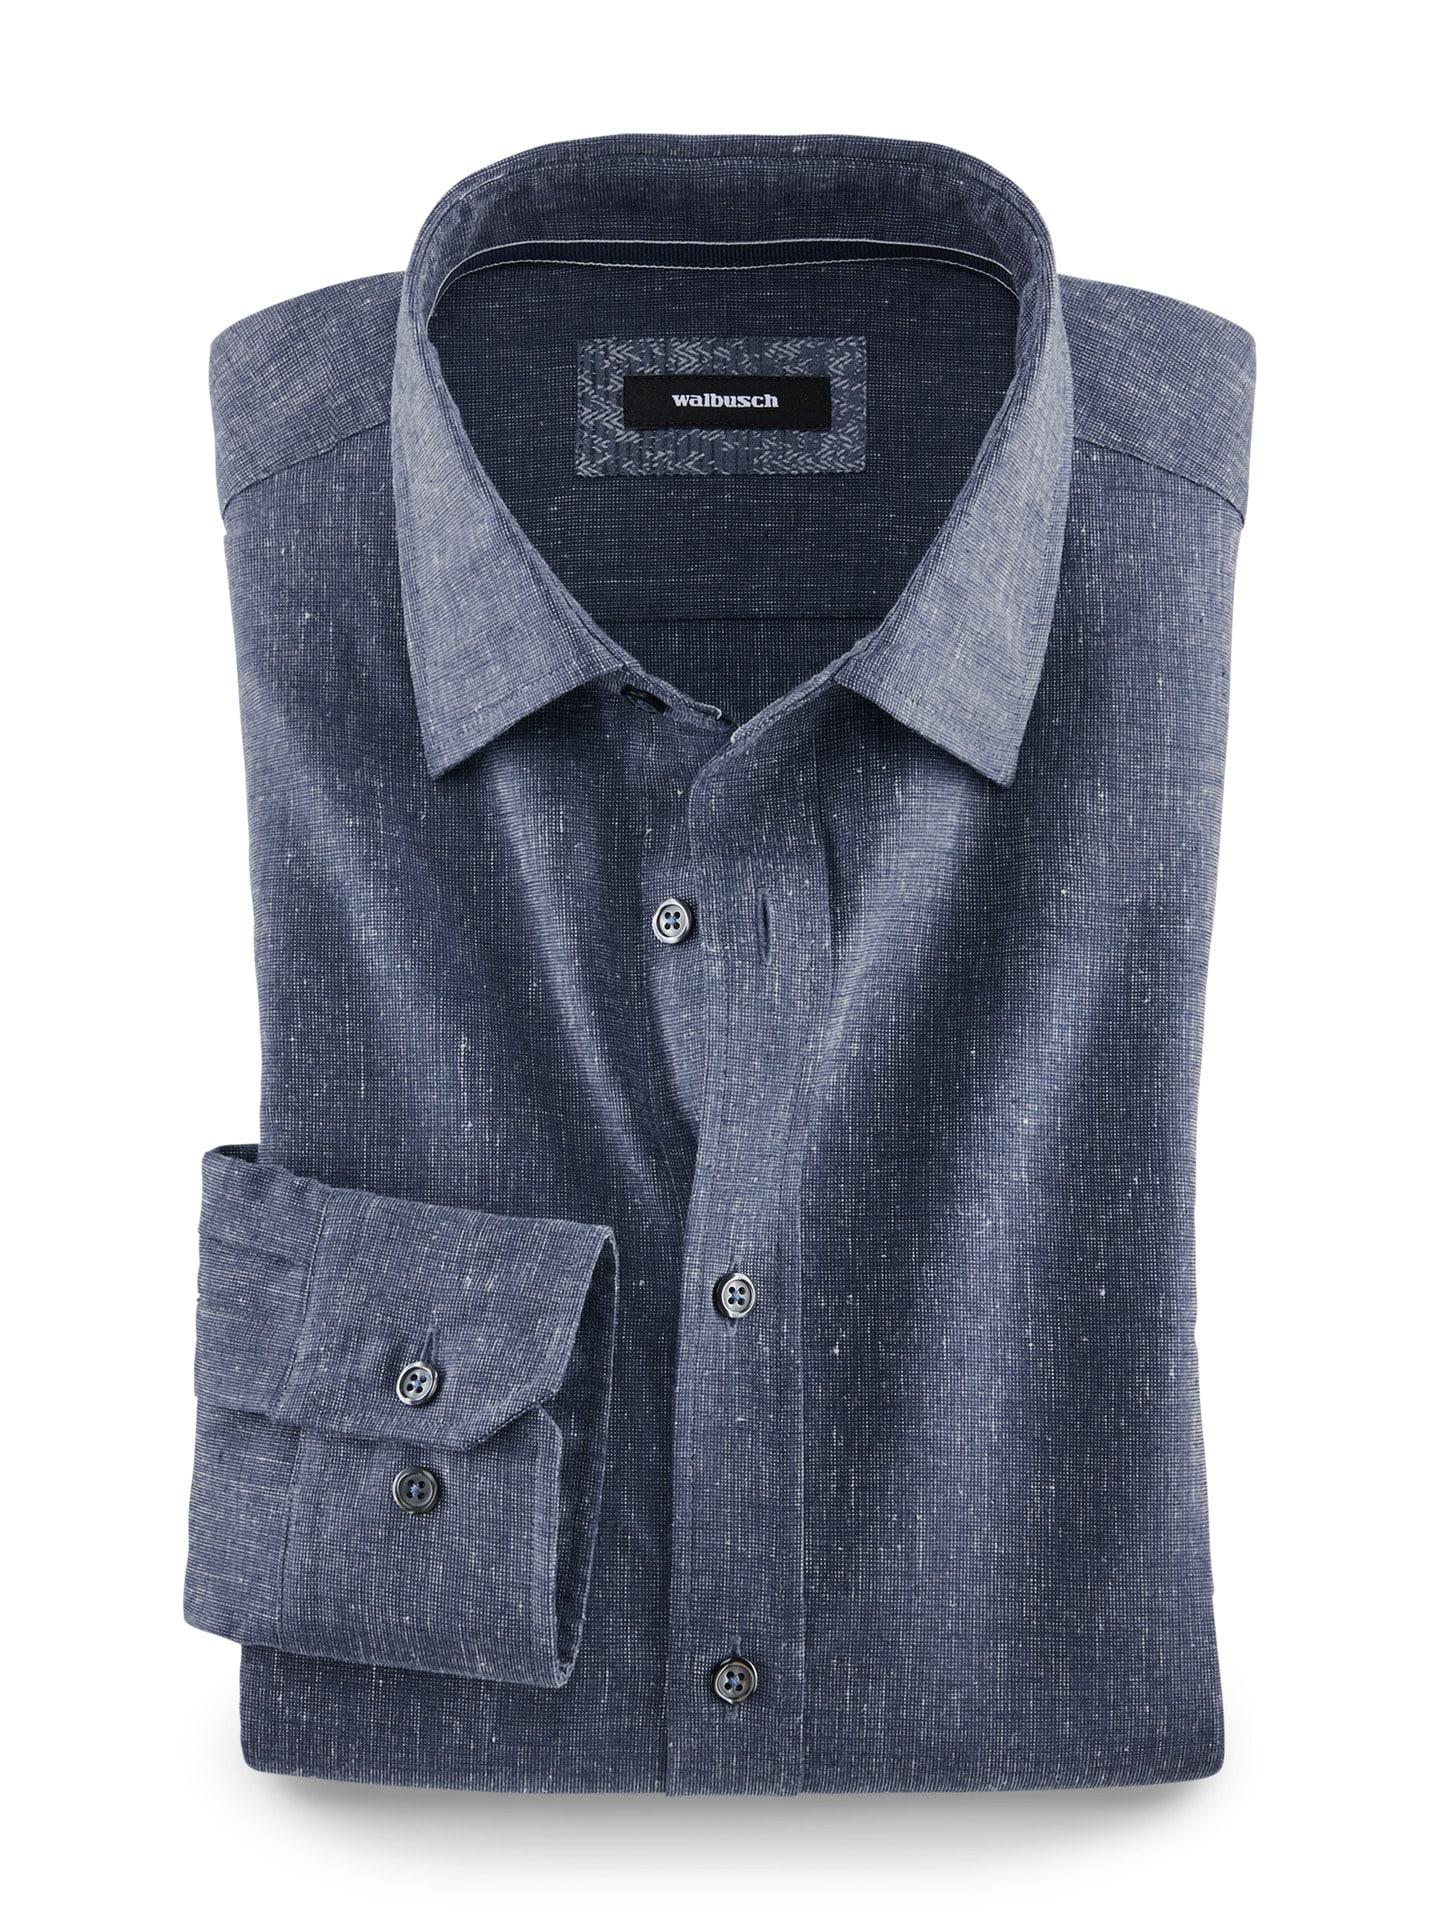 Walbusch Herren 25 Grad-Leinenhemd Größe 47/48 - Langarm extra kurz